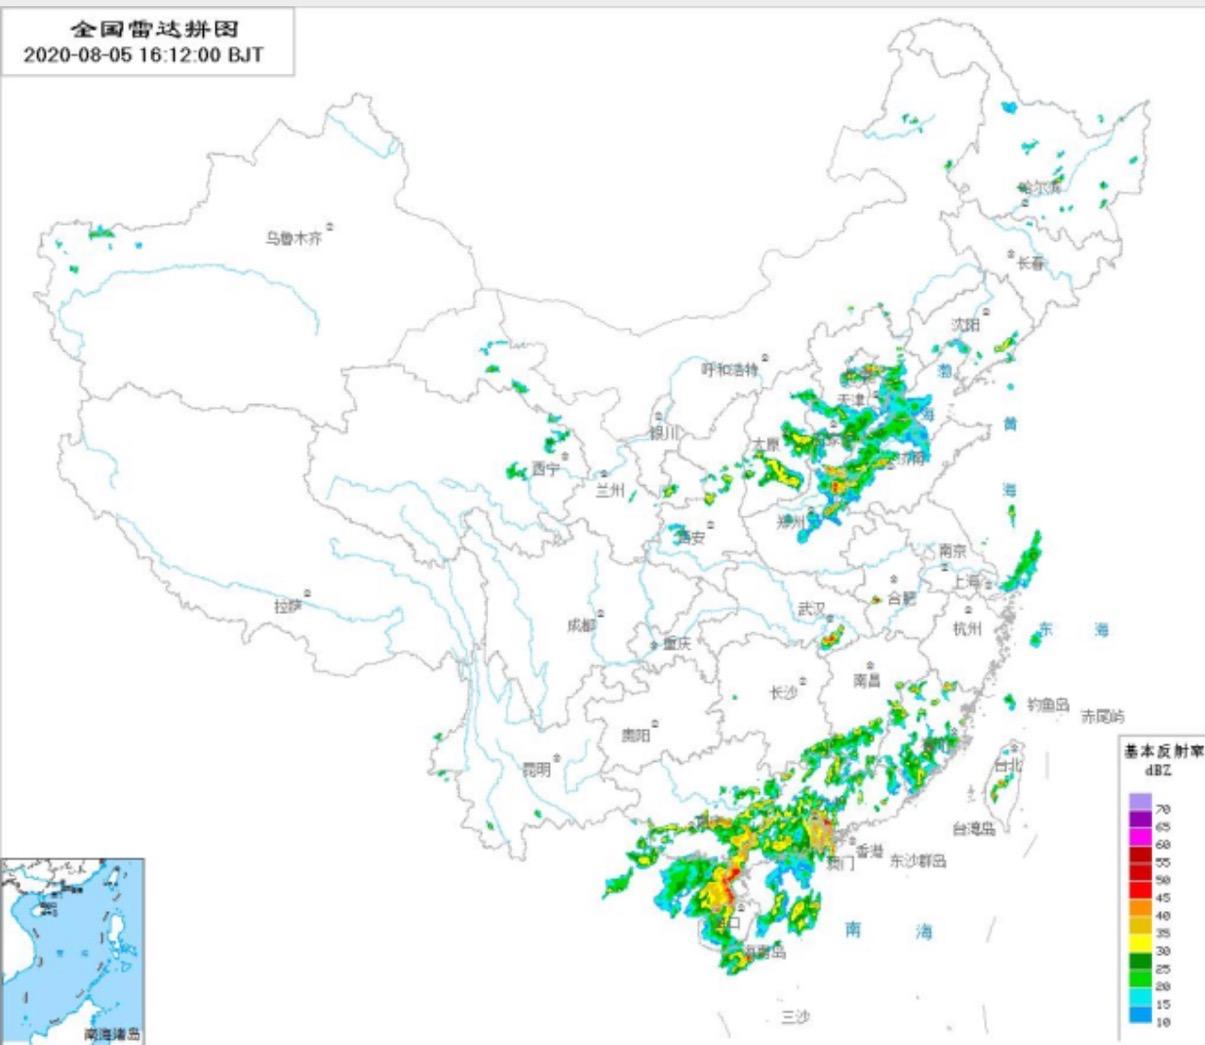 受天气影响 首都机场取消35架次航班